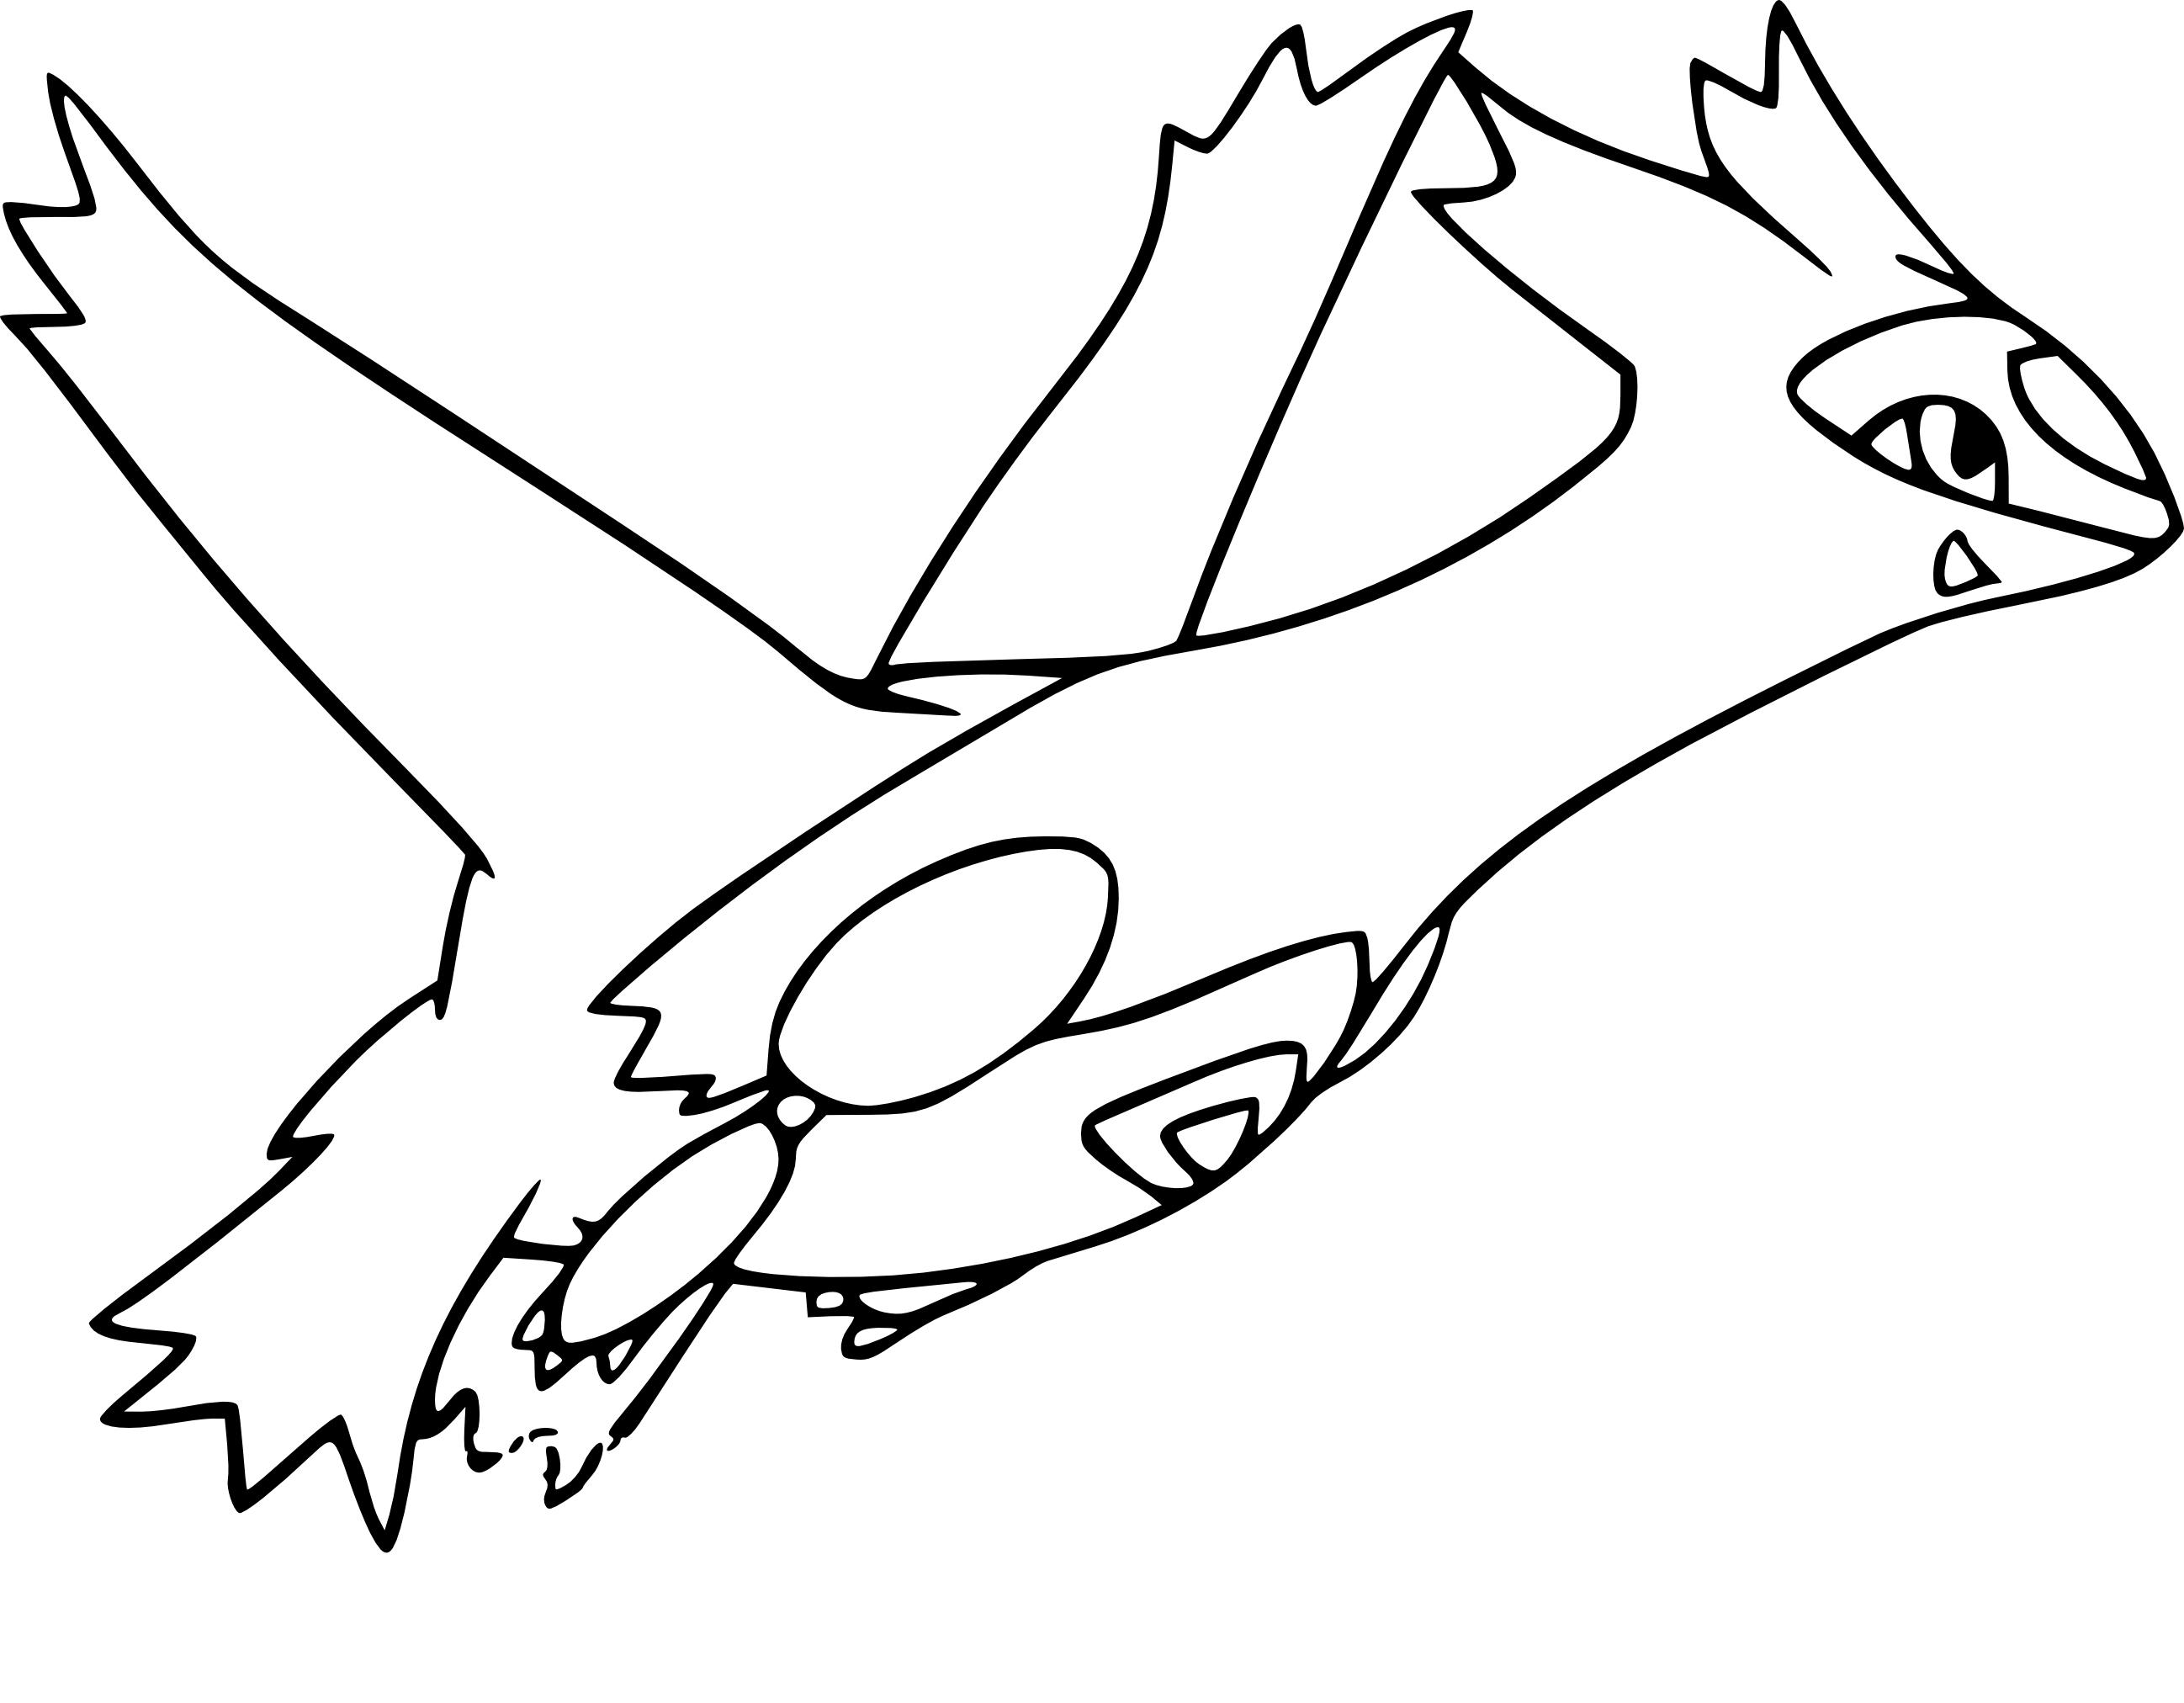 Coloriage latias pokemon imprimer - Image de pokemon a imprimer ...